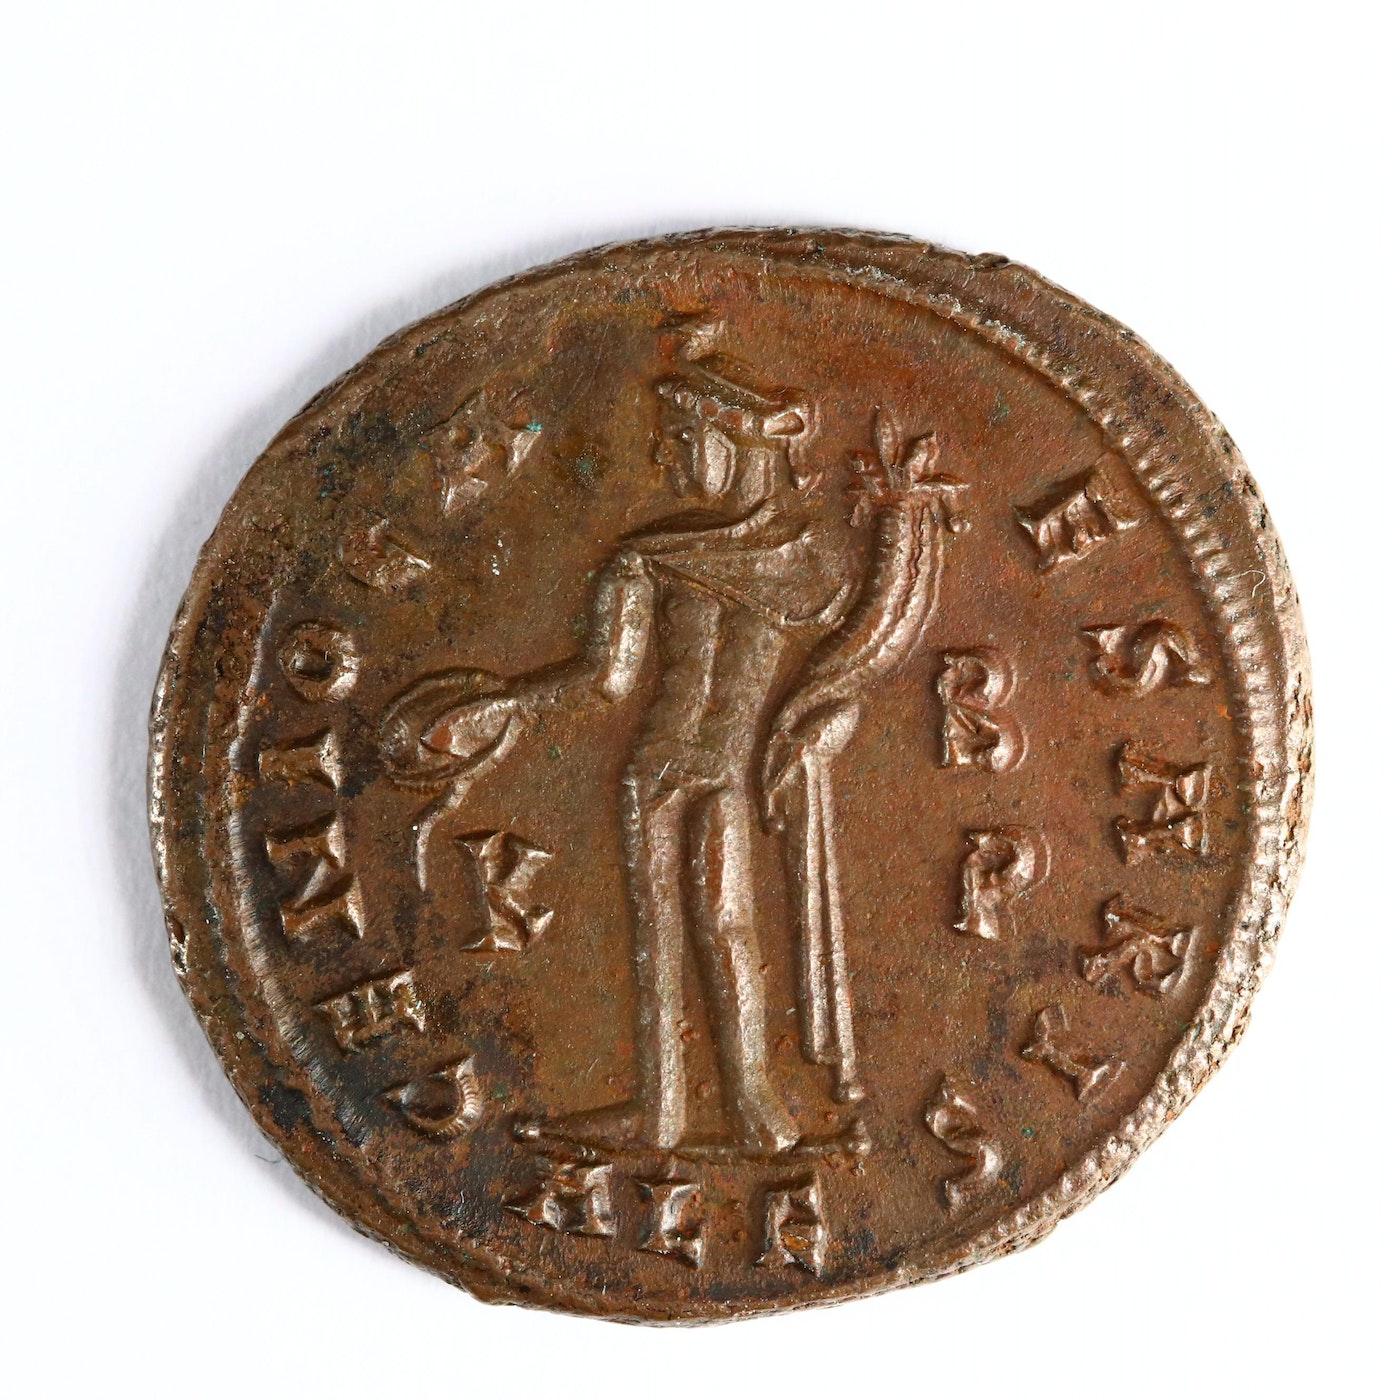 Follis - Licinius I (GENIO POP ROM) - Rome (ancient) - Numista